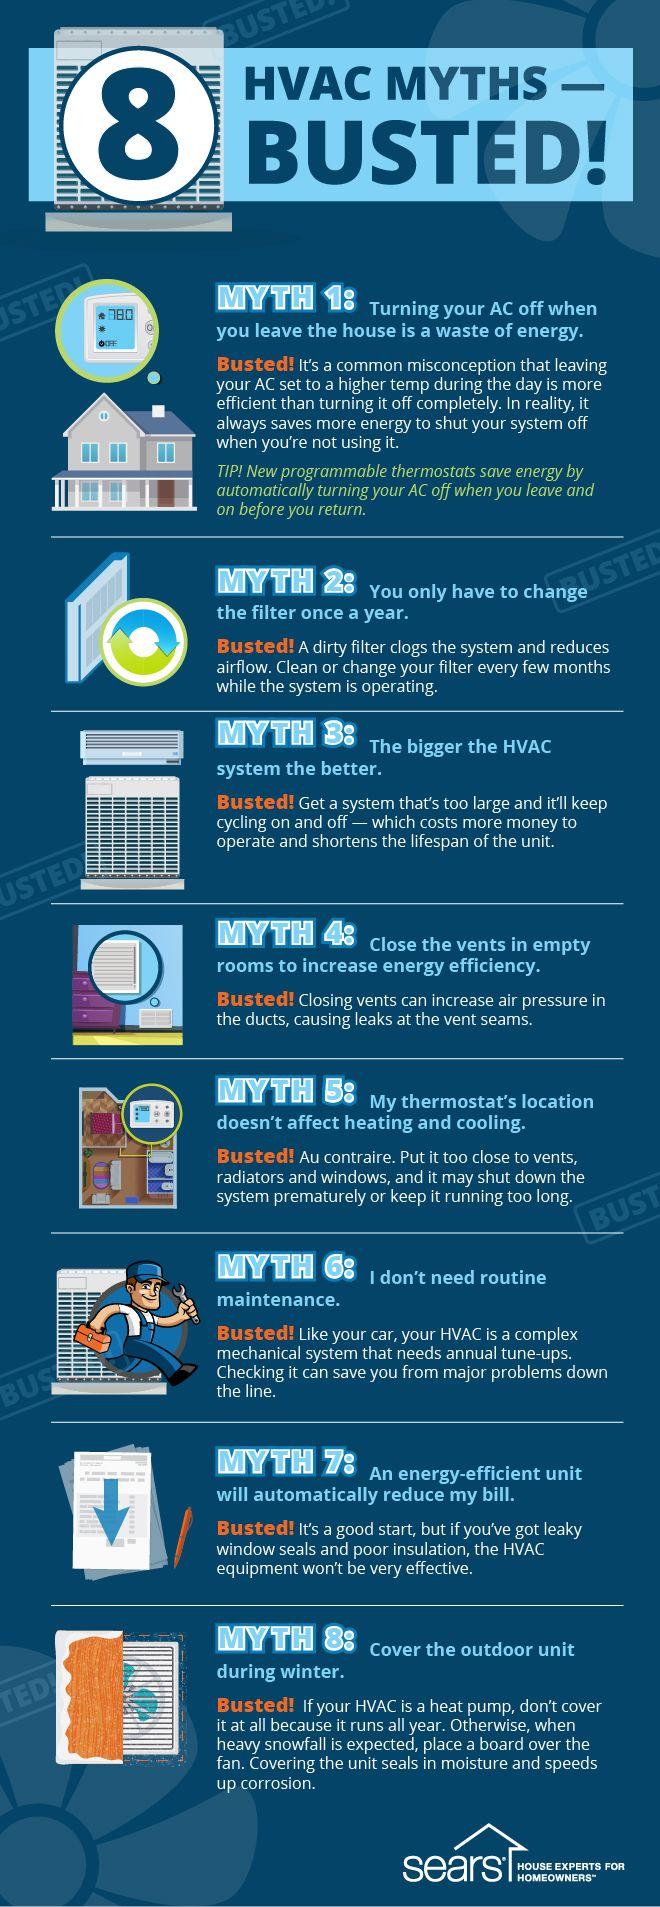 HVAC myths busted